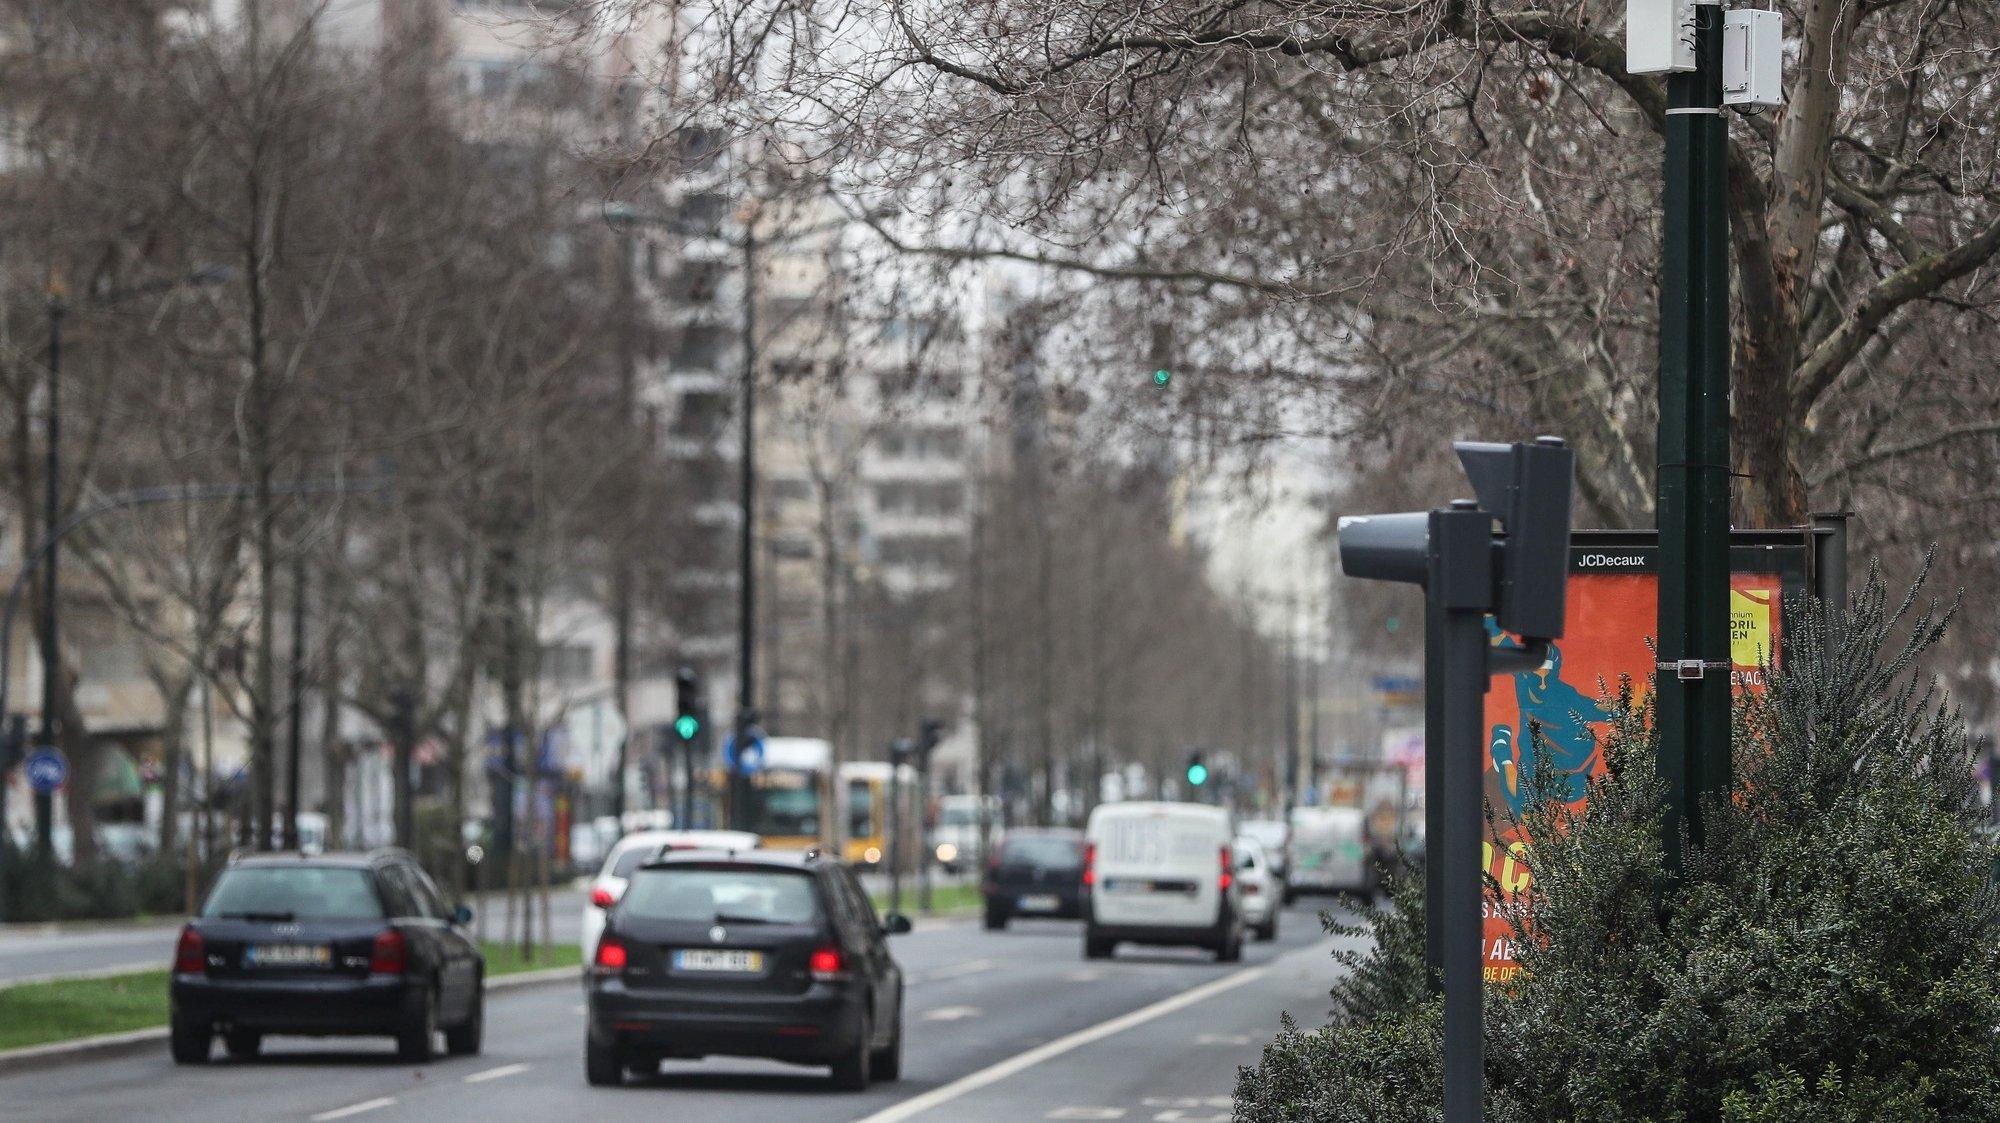 Um dos sensores de monitorização ambiental que foram instalados pela Câmara Municipal de Lisboa para controlar em tempo real a qualidade do ar, níveis de ruído ou do trânsito, em Entrecampos, Lisboa, 19 de fevereiro de 2021. A informação recolhida pela rede de sensores que se encontram espalhados pela cidade estará disponível a partir do dia 31 de março. MÁRIO CRUZ/LUSA